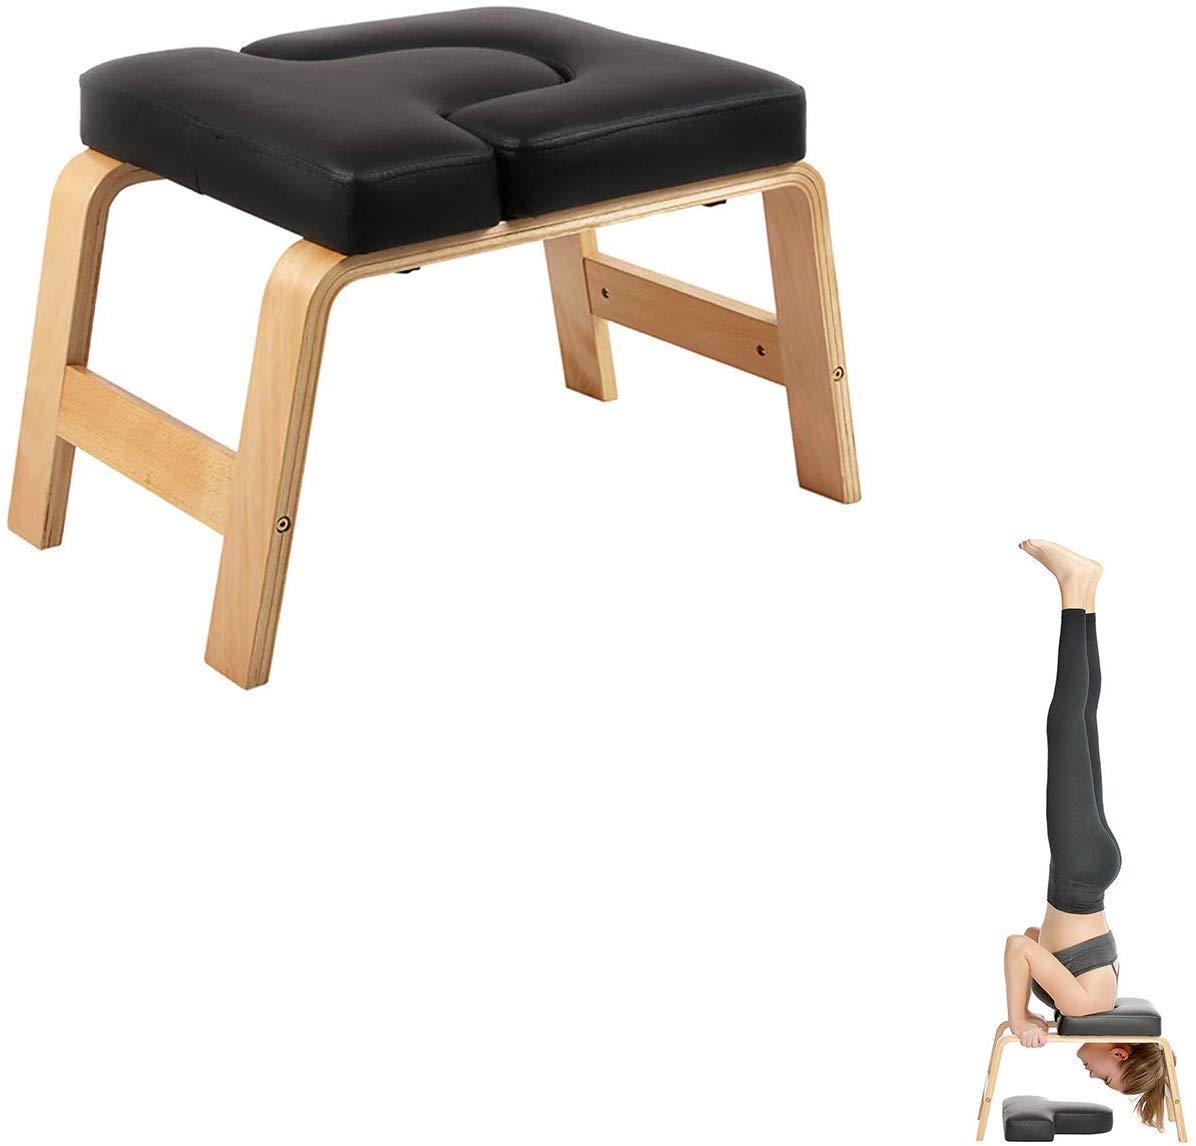 GERGVXA Wooden Headstand Bench Yoga für die Praxis Kopfstand, Schulterstand, Handstand und Vers edene Yoga-Posen.   Vervollkommnen Sie für Anfänger und erfahren Sie Yogis